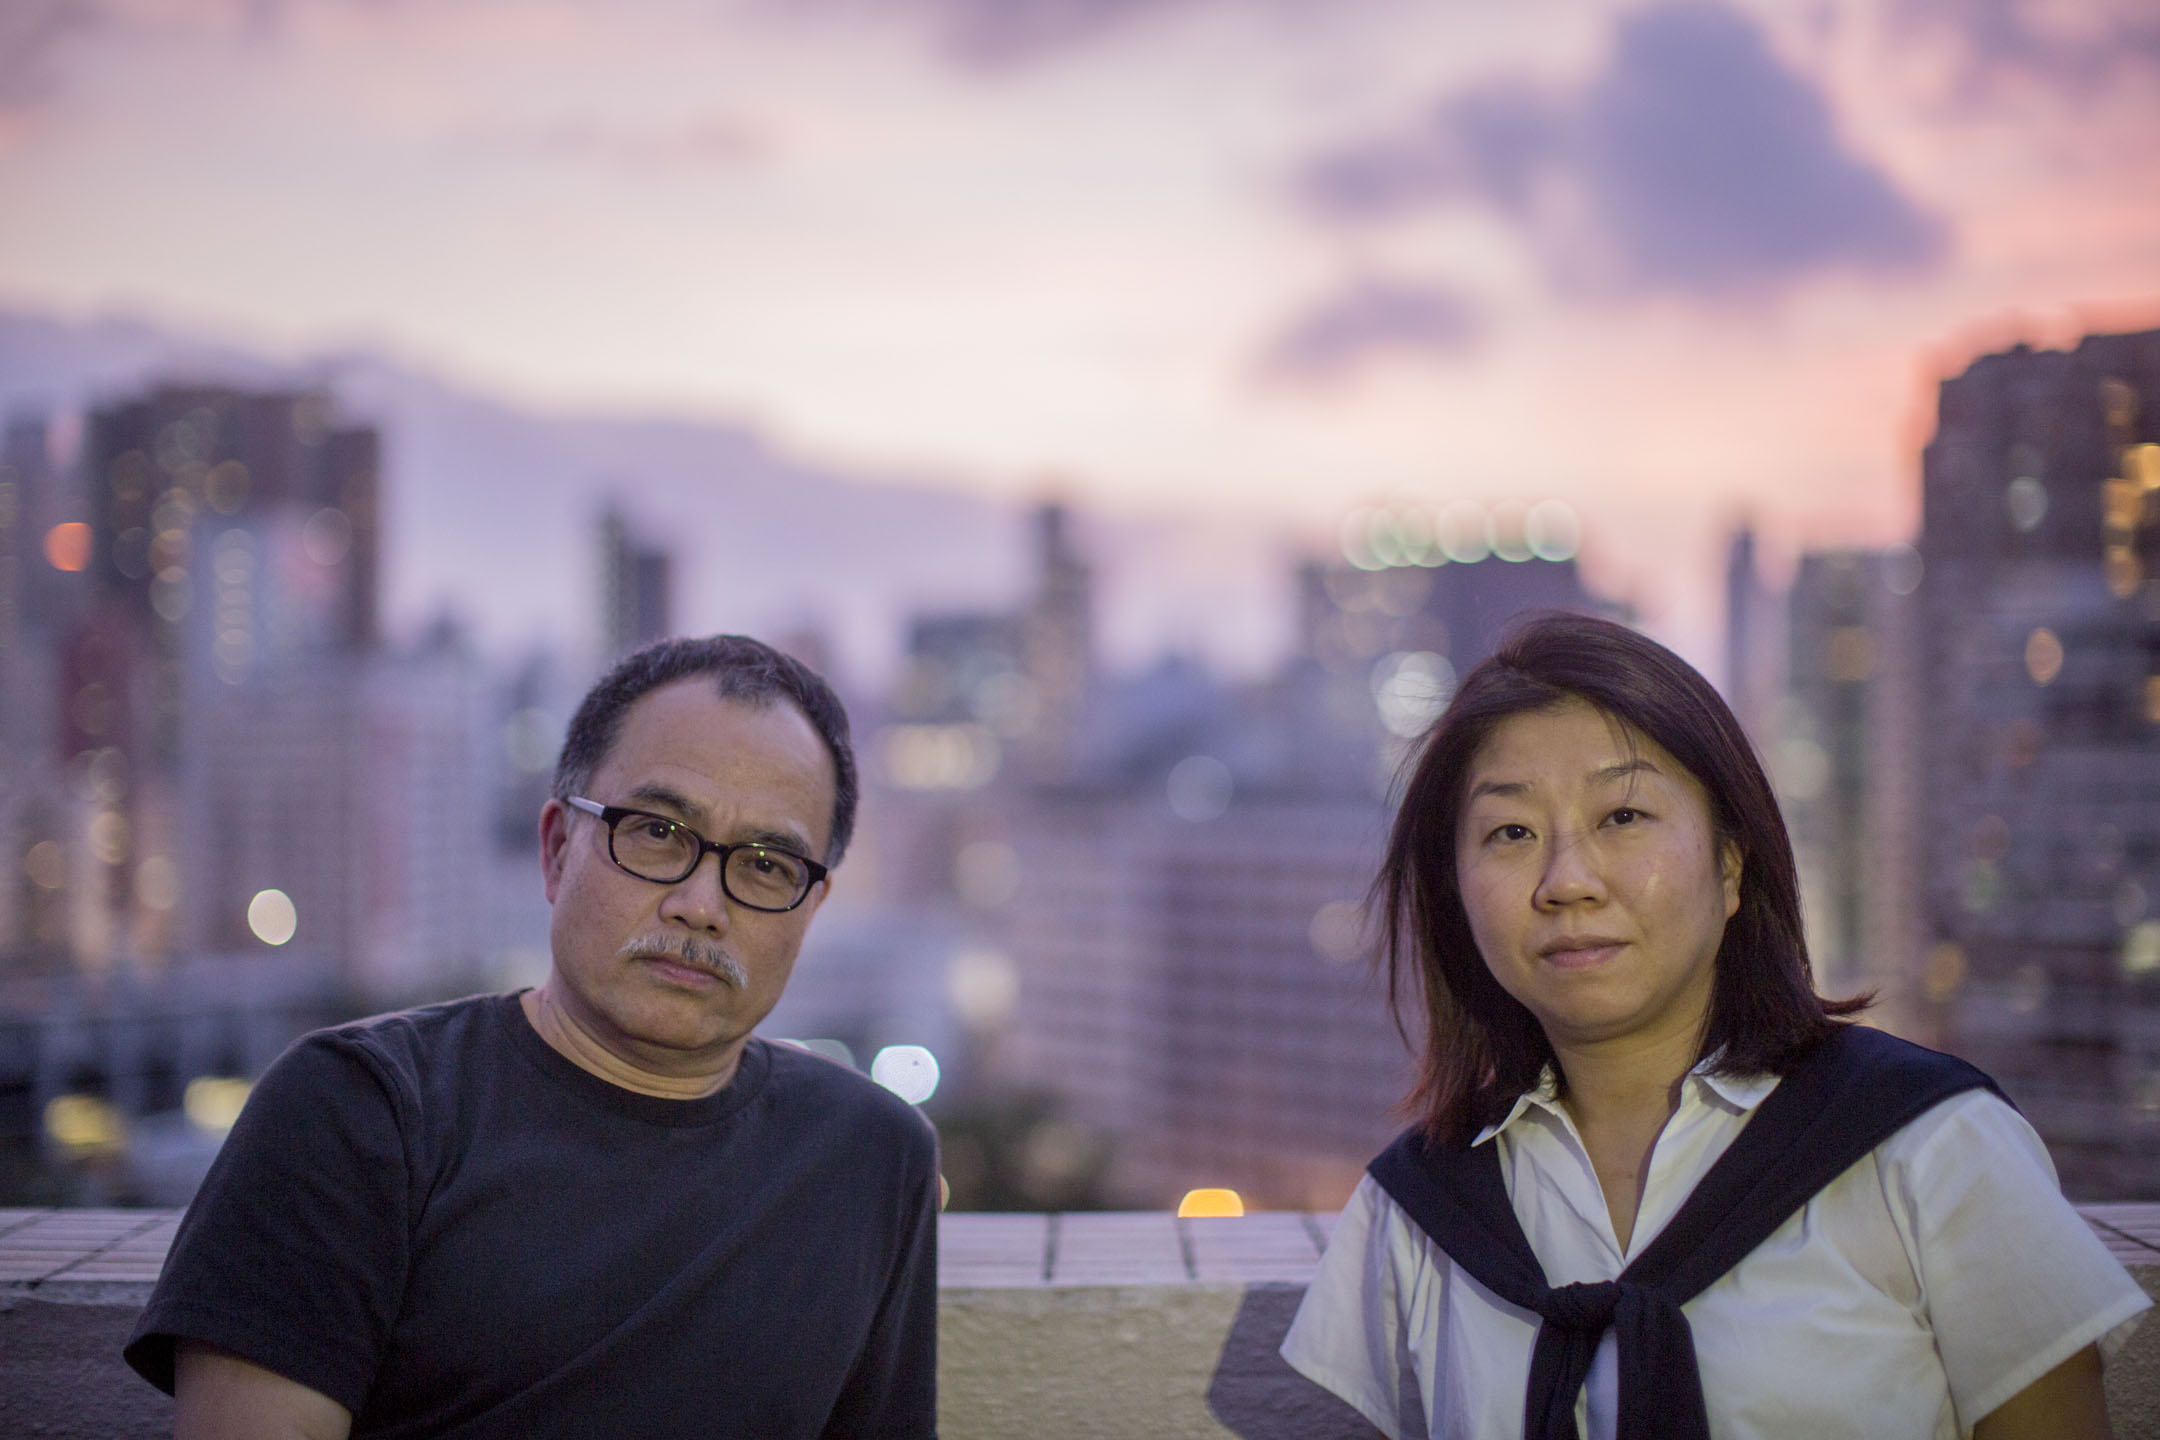 《5月35日》導演李鎮洲與編劇莊梅岩在何文田一幢民居的天台上,天空由黃金泛紅,逐漸走進暗黑一片。